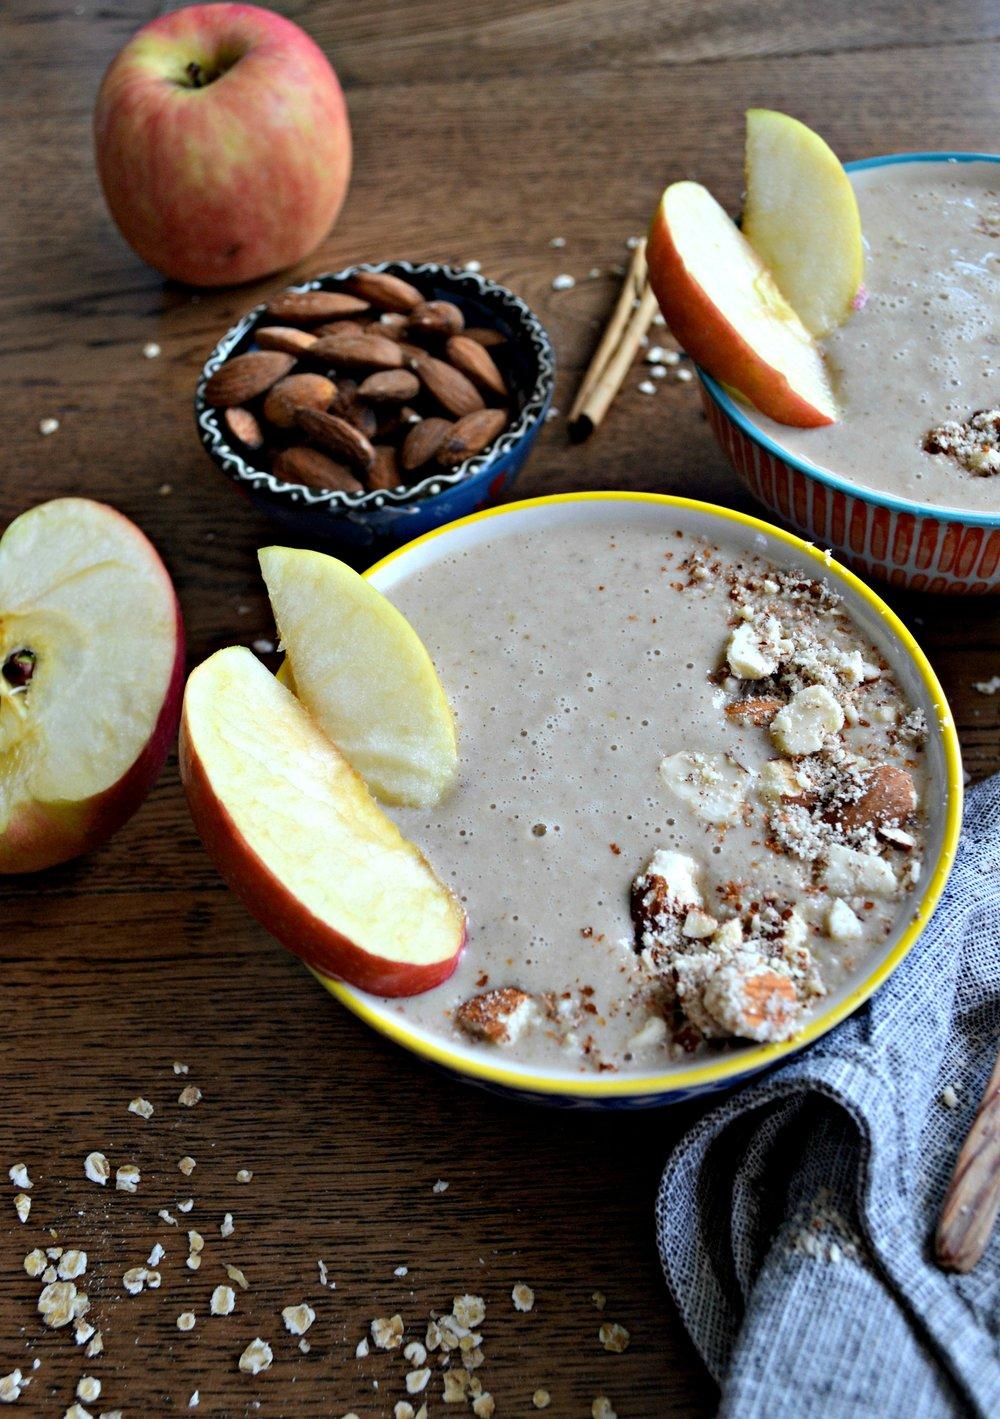 Apple pie smoothie recipe | The Flourishing Pantry